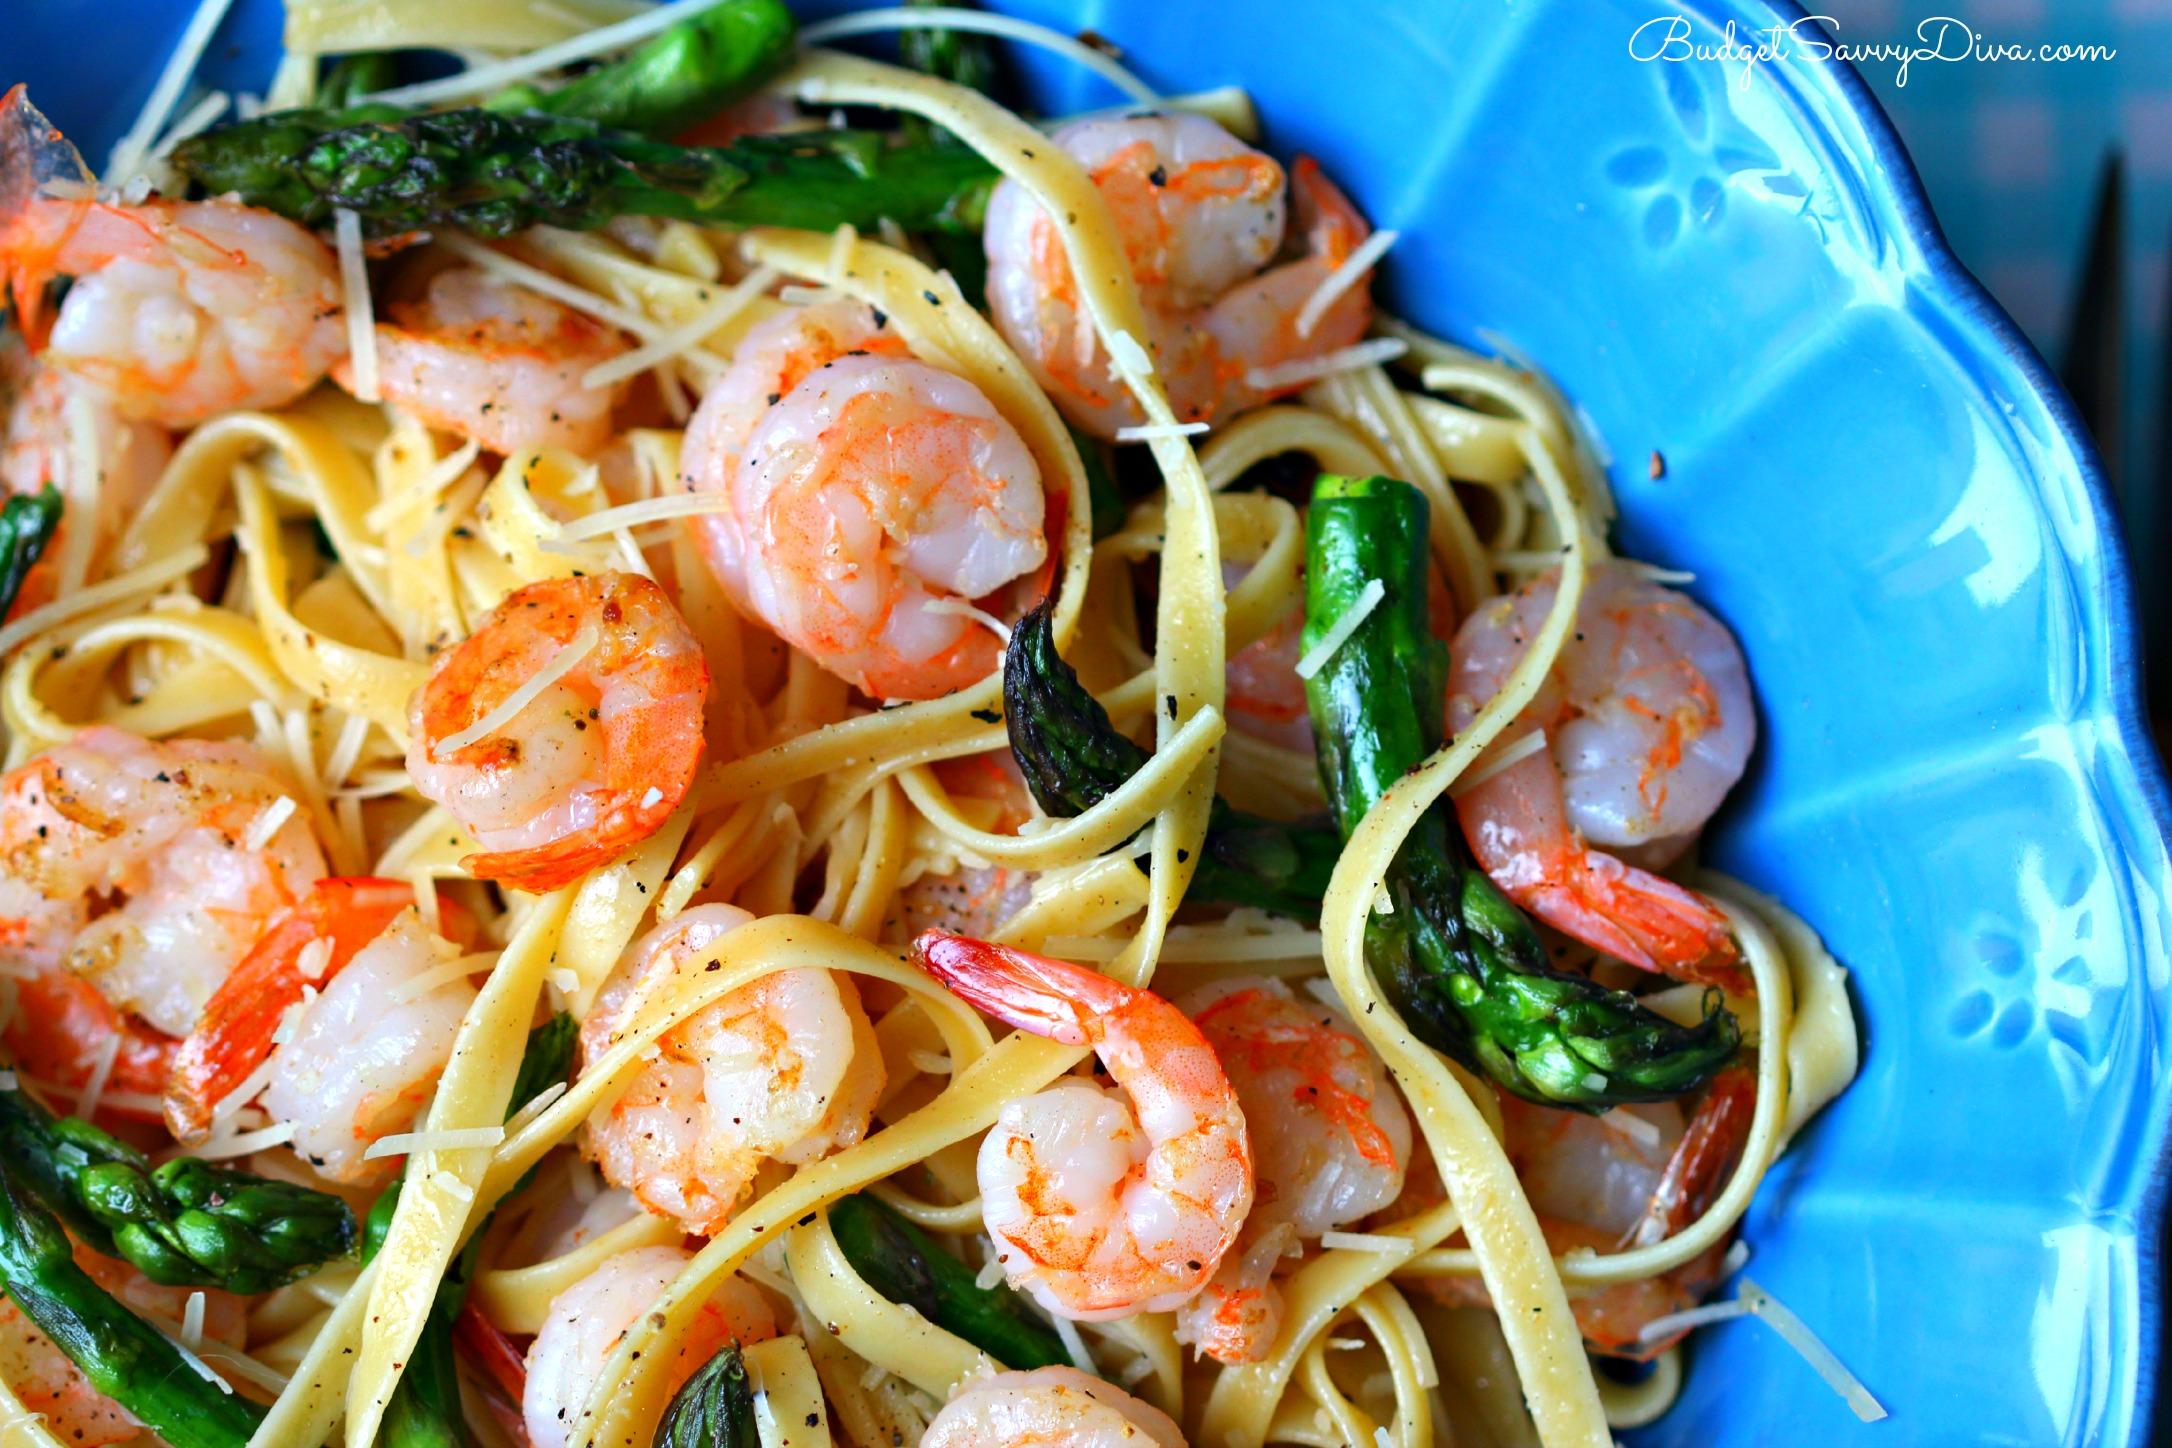 Fettuccine asparagi e gamberetti